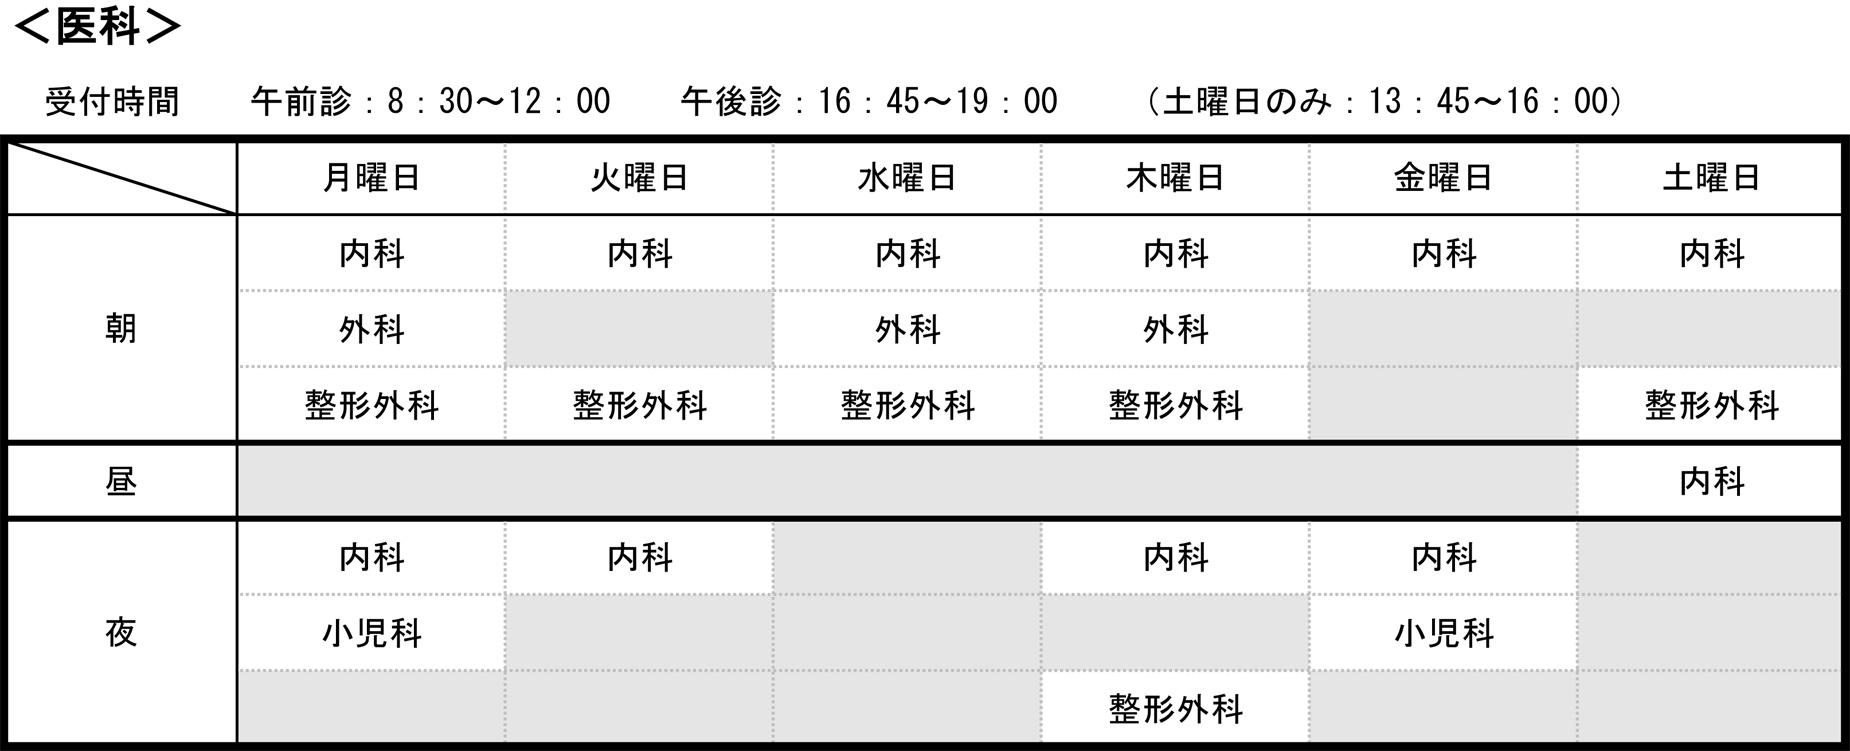 矢田生協医療センター各科の診療予定表